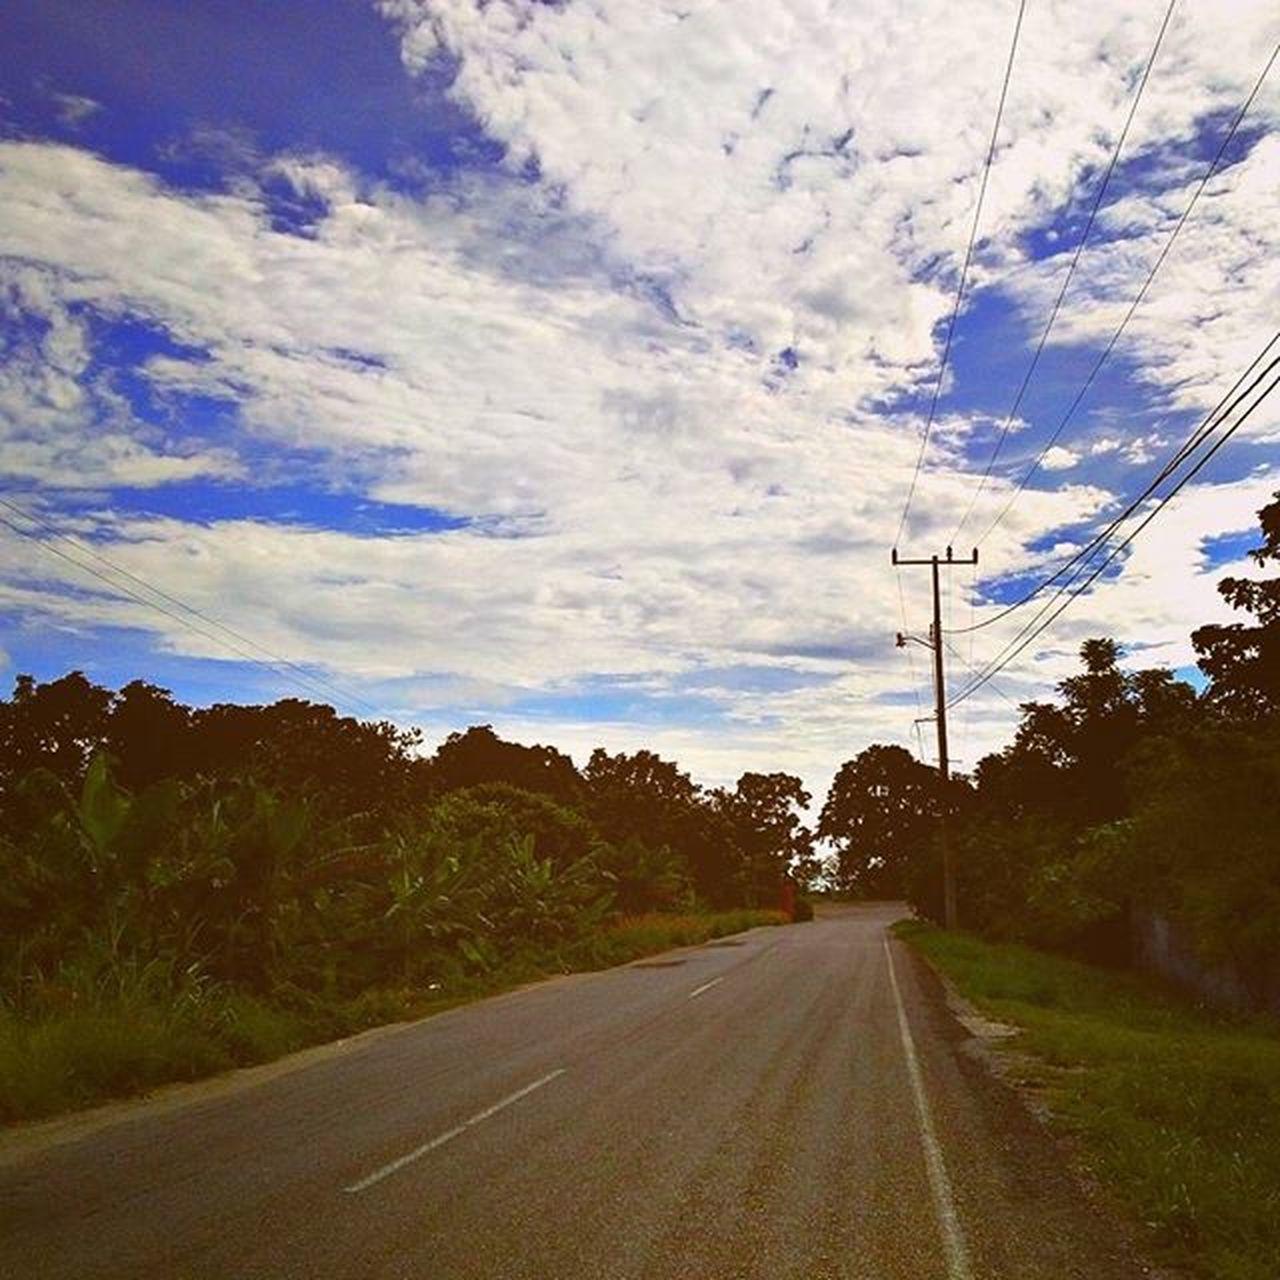 """""""Y así fue como realmente se inició toda mi experiencia en la carretera, y las cosas que pasaron son demasiado fantásticasvpara no contarlas."""" Kerouac Carretera Enelcamino Rural Campo CieloAzulLlenoDeNubes Ontheroad Field Skyisblue Clouds"""